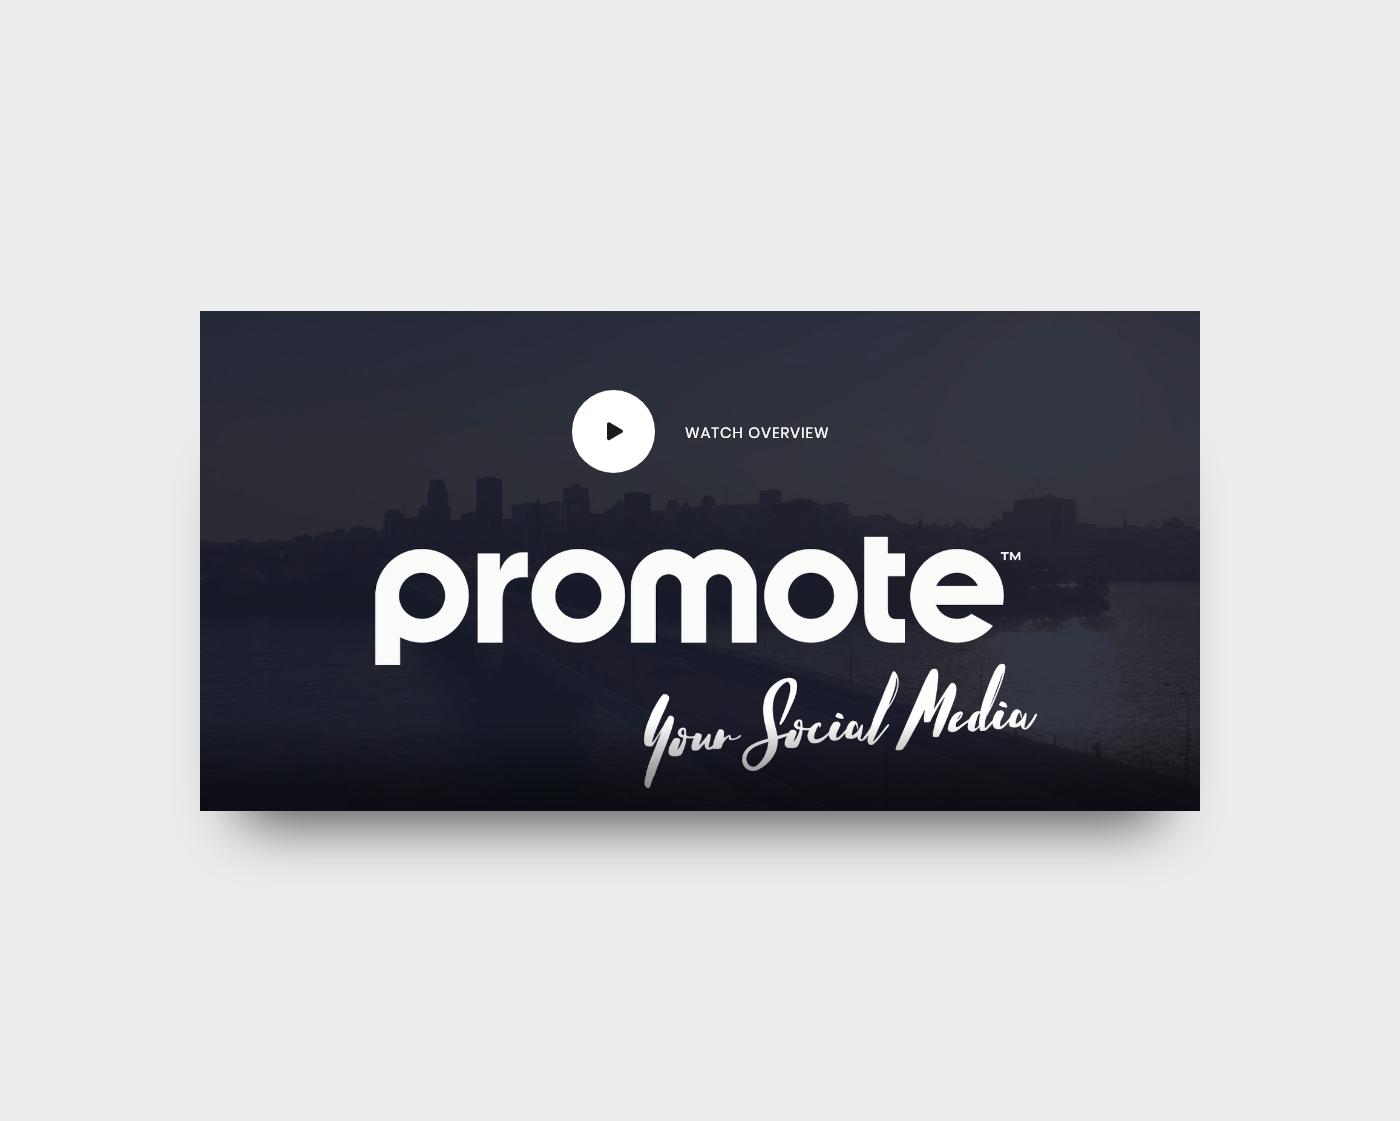 Social Media Agency – Ad